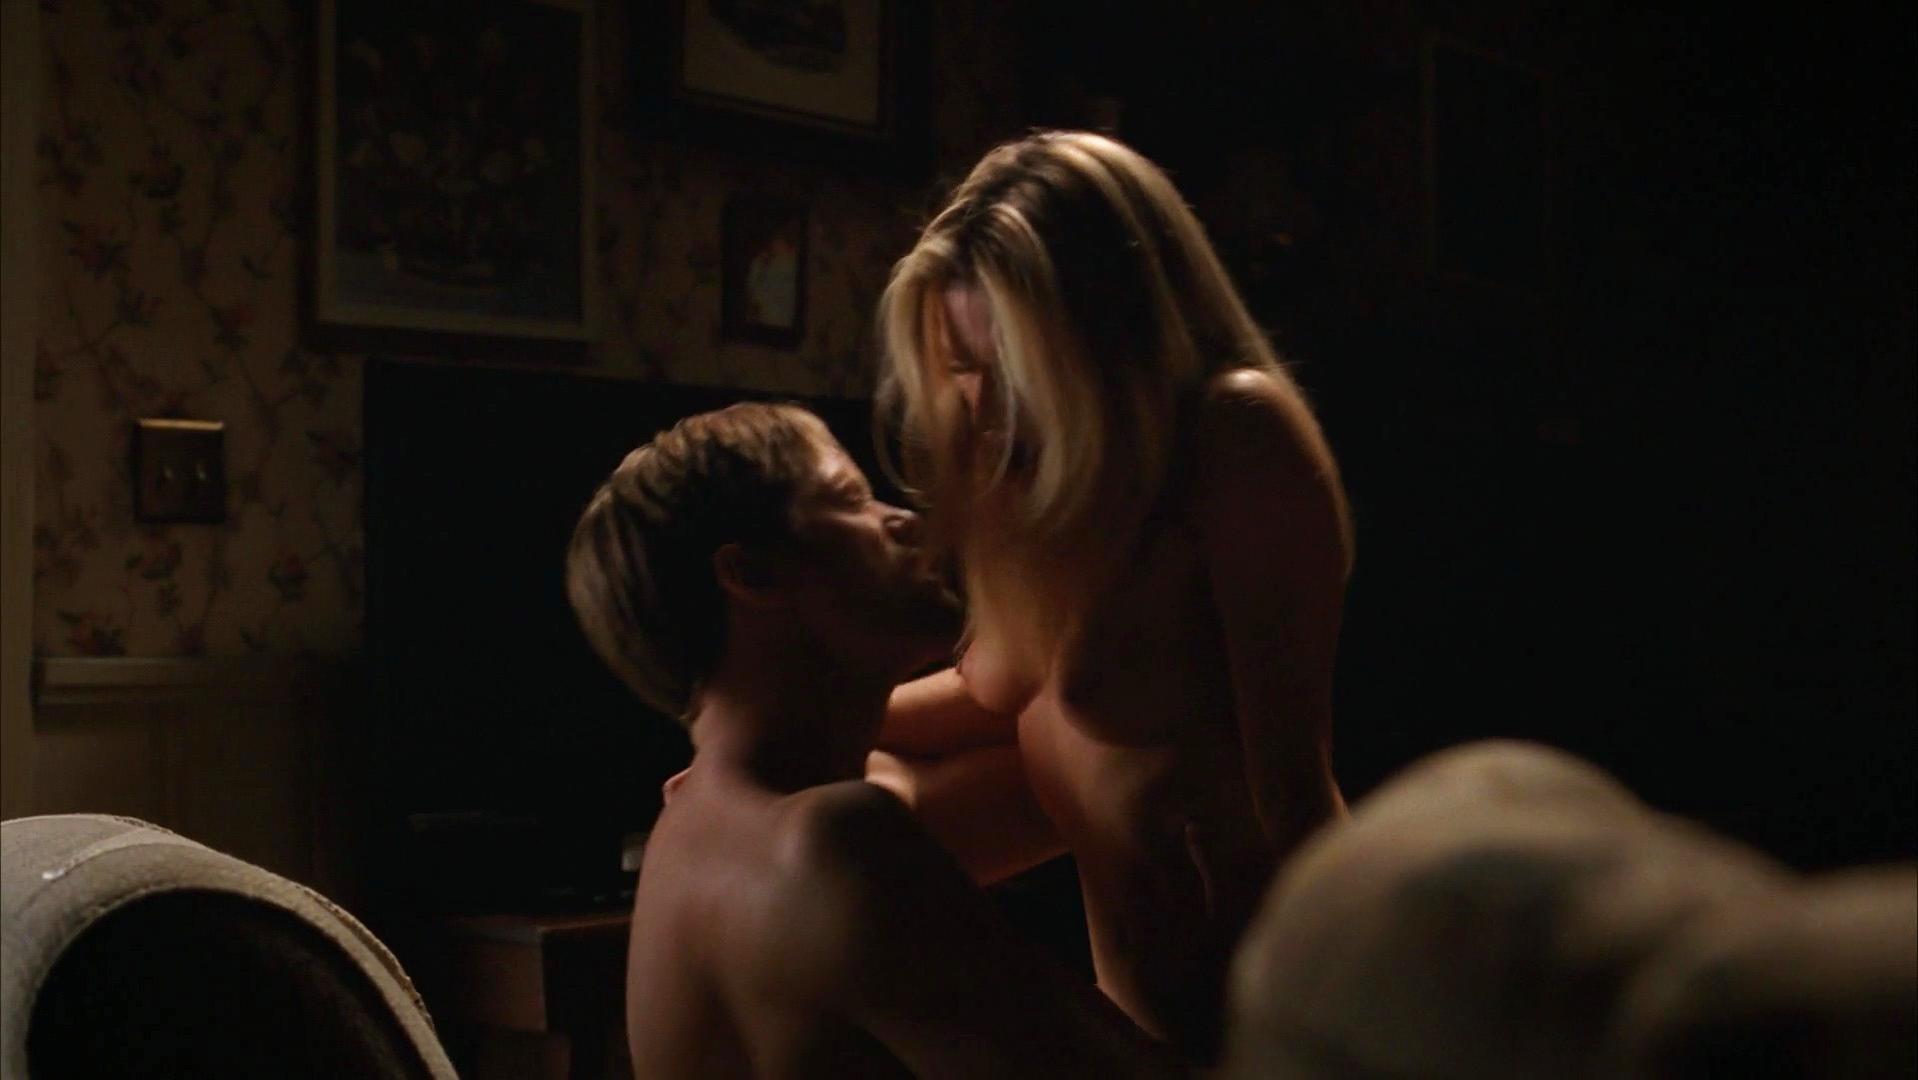 Pornstar interview video